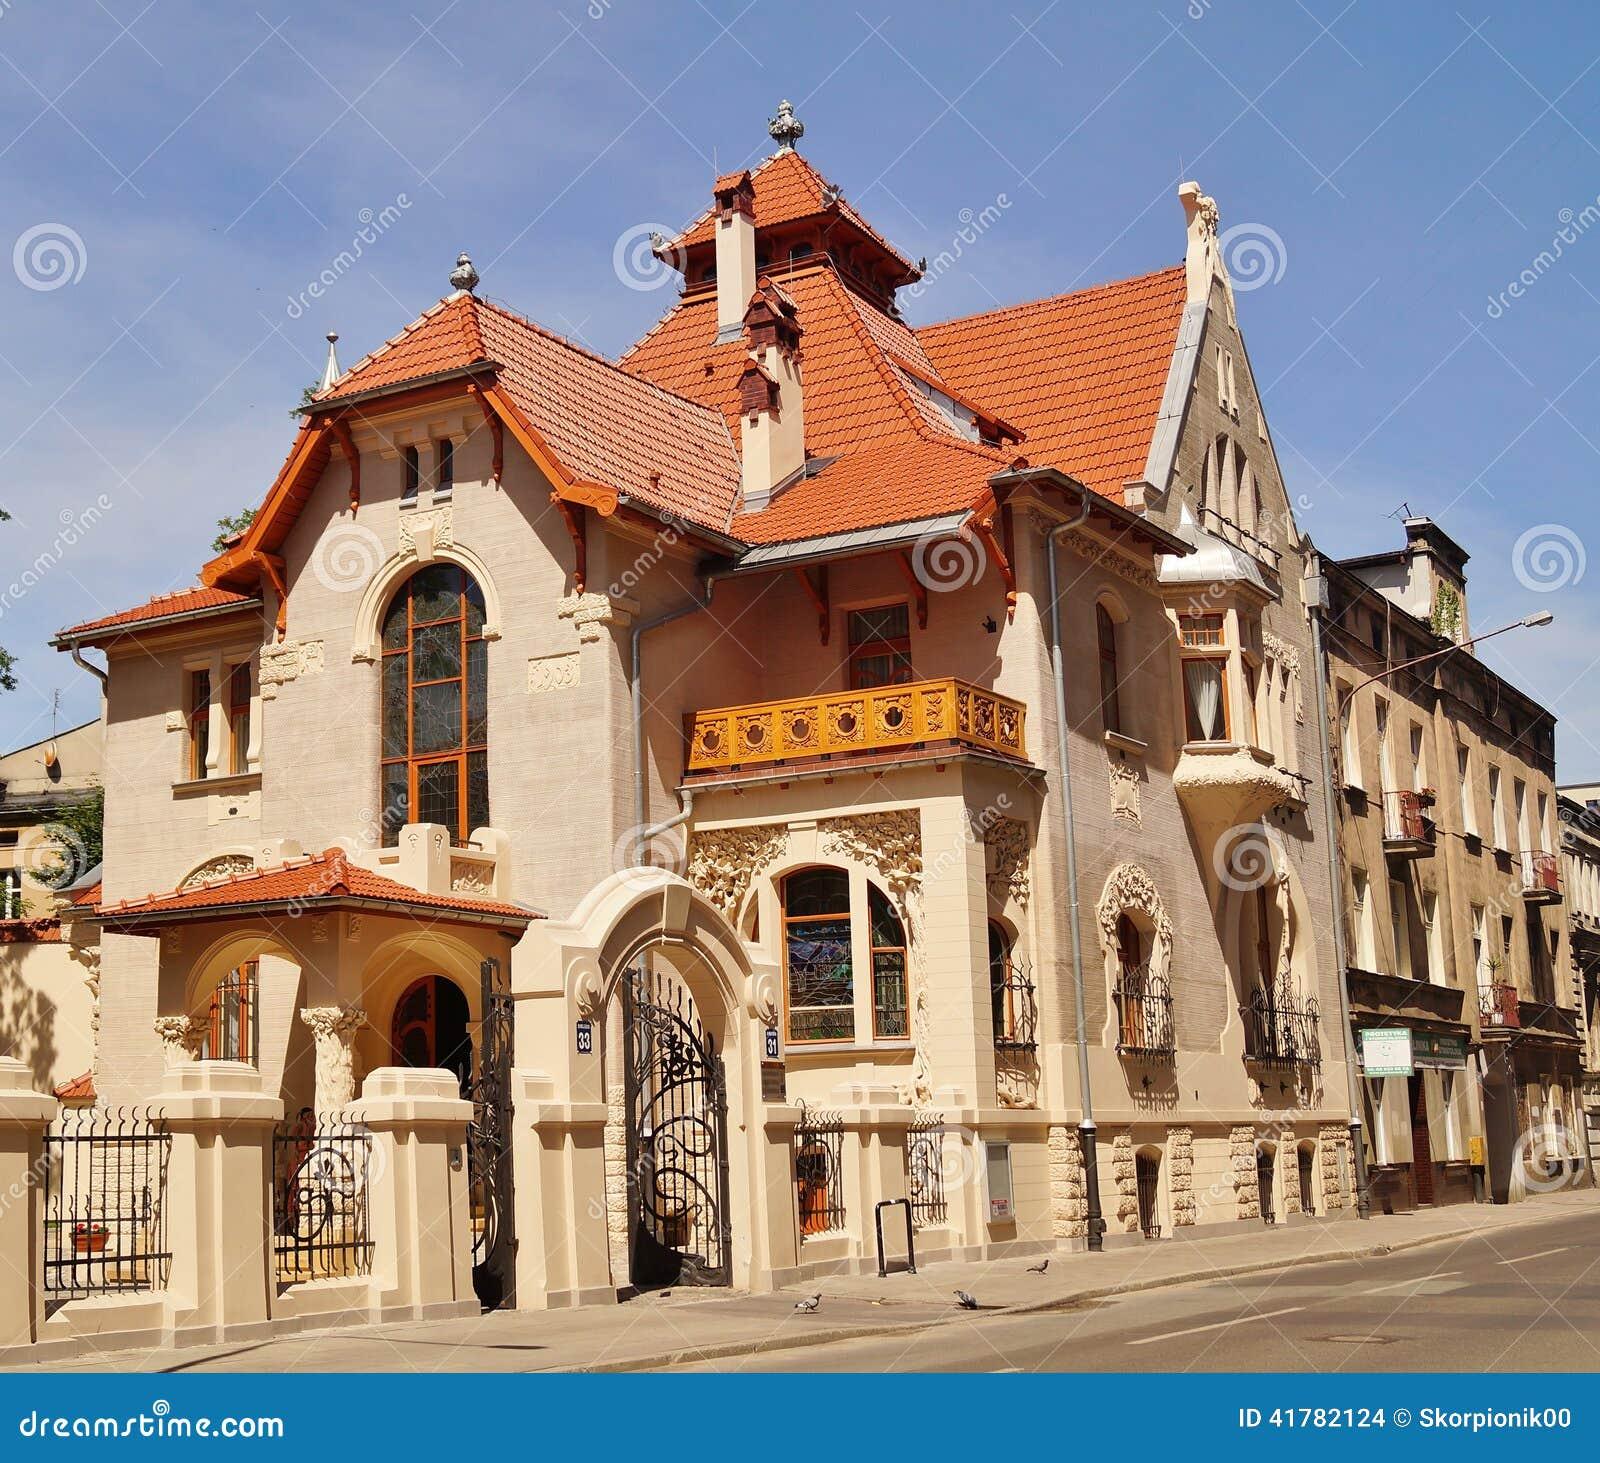 Art nouveau architecture of the city lodz poland stock for Architecture art